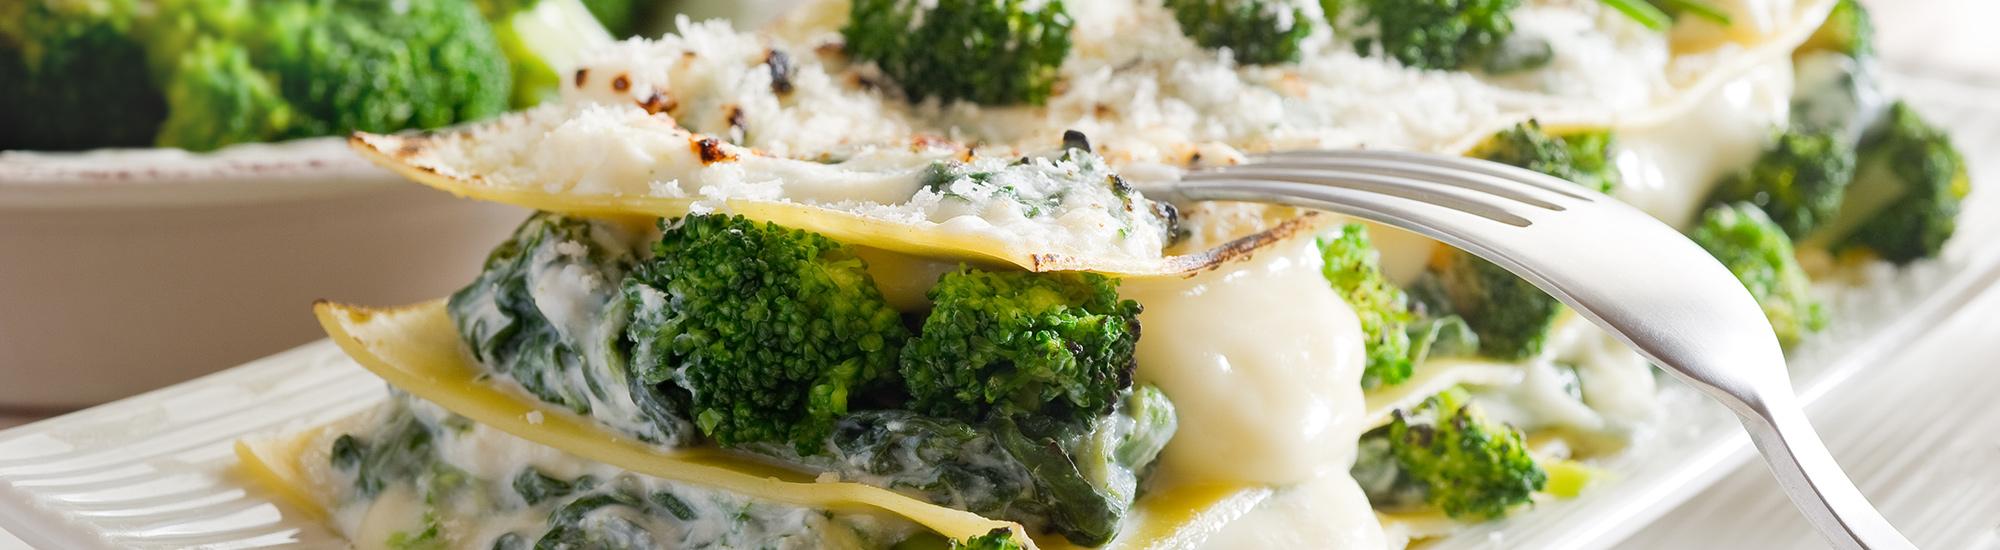 ricetta Lasagne con broccoli e prosciutto cotto con pasta fresca